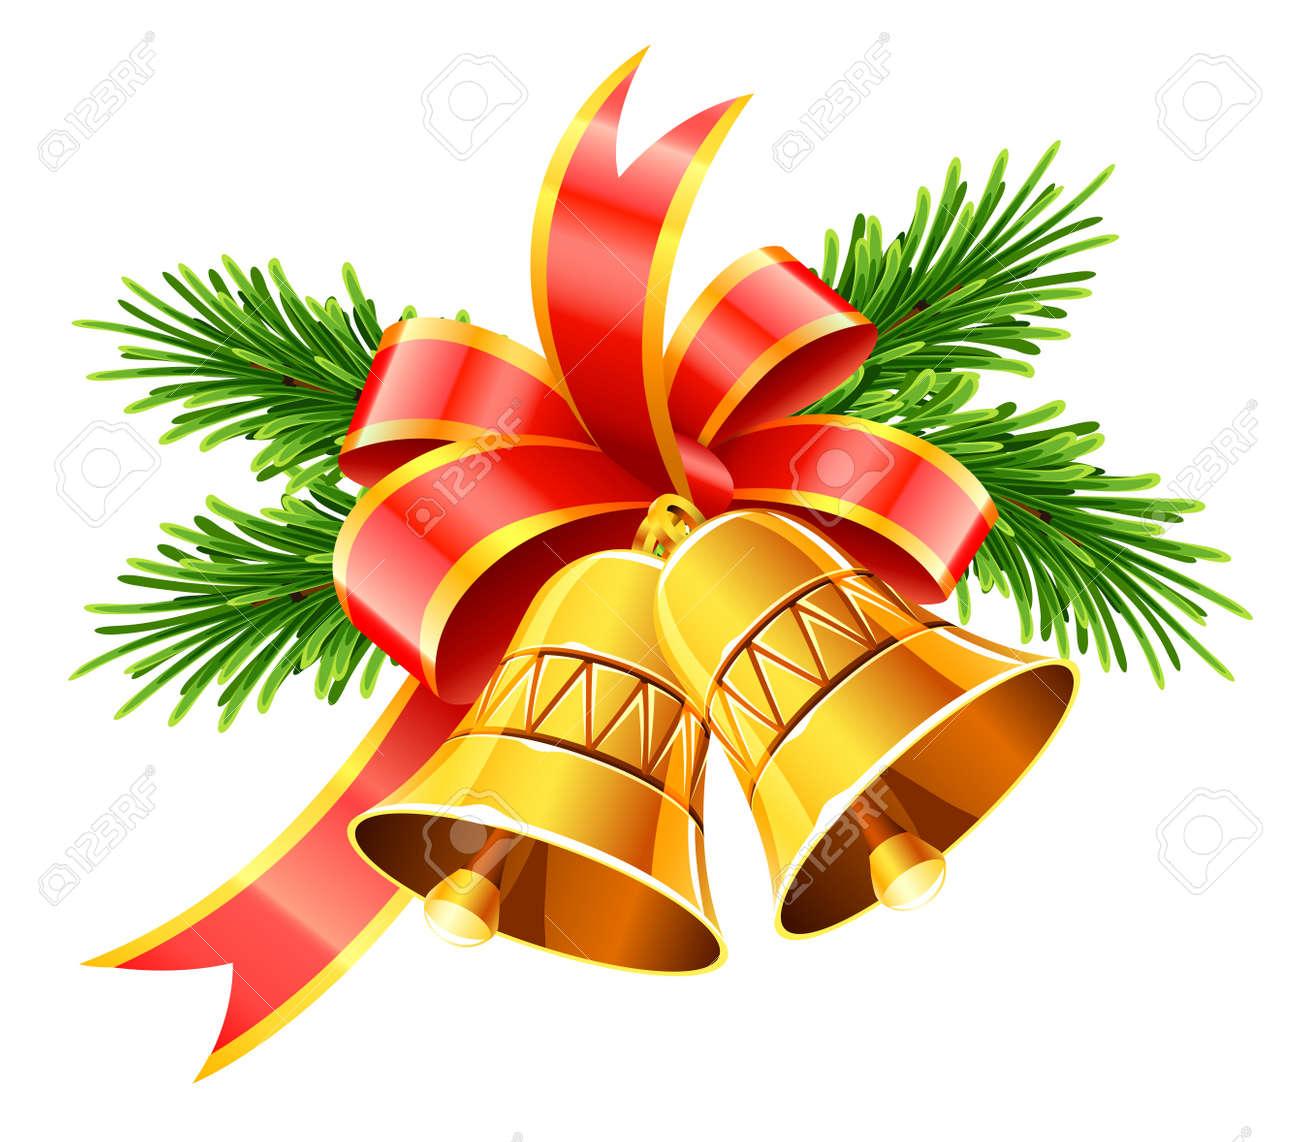 campanas de oro de navidad con lazo rojo y el abeto de ilustracin vectorial aislados en - Campanas Navideas